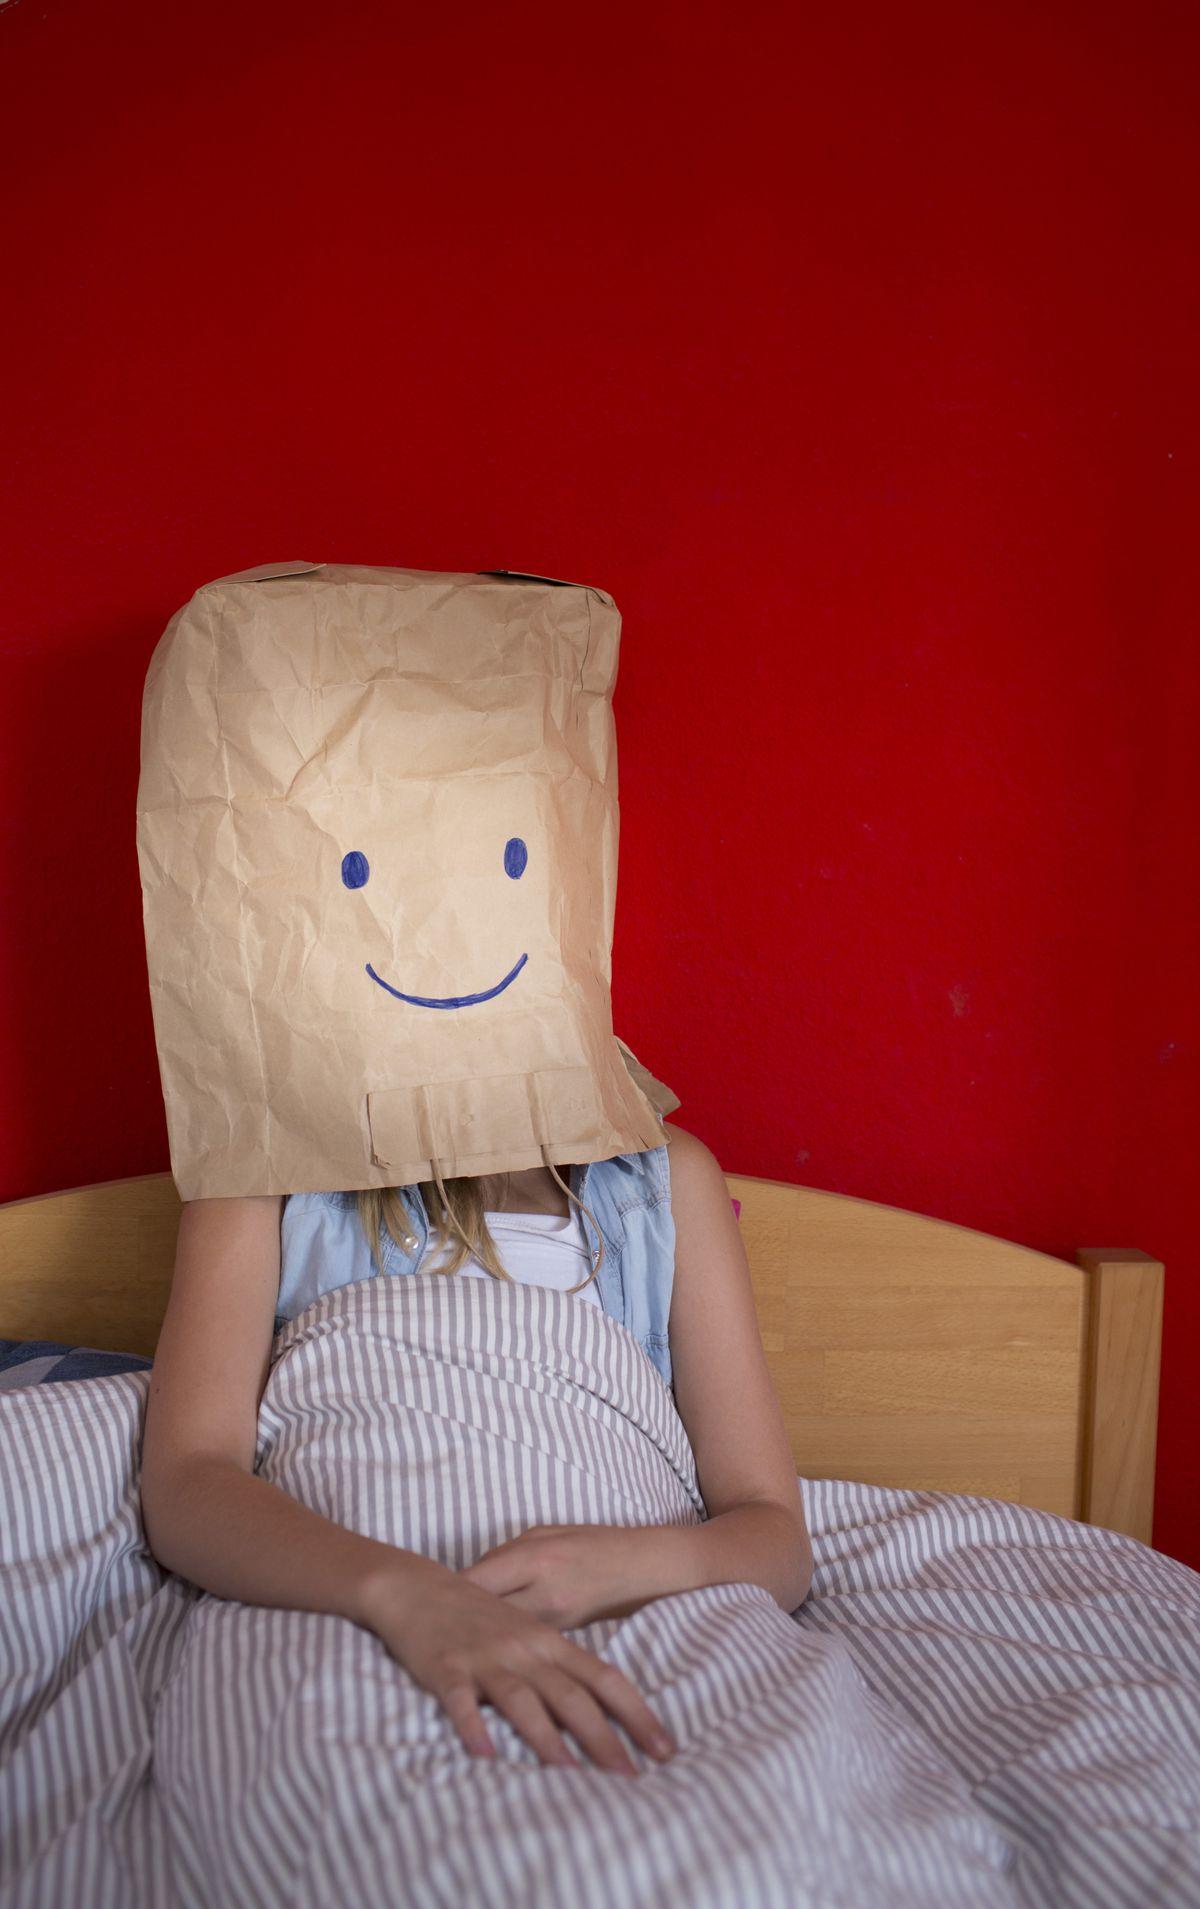 Bag smiley face